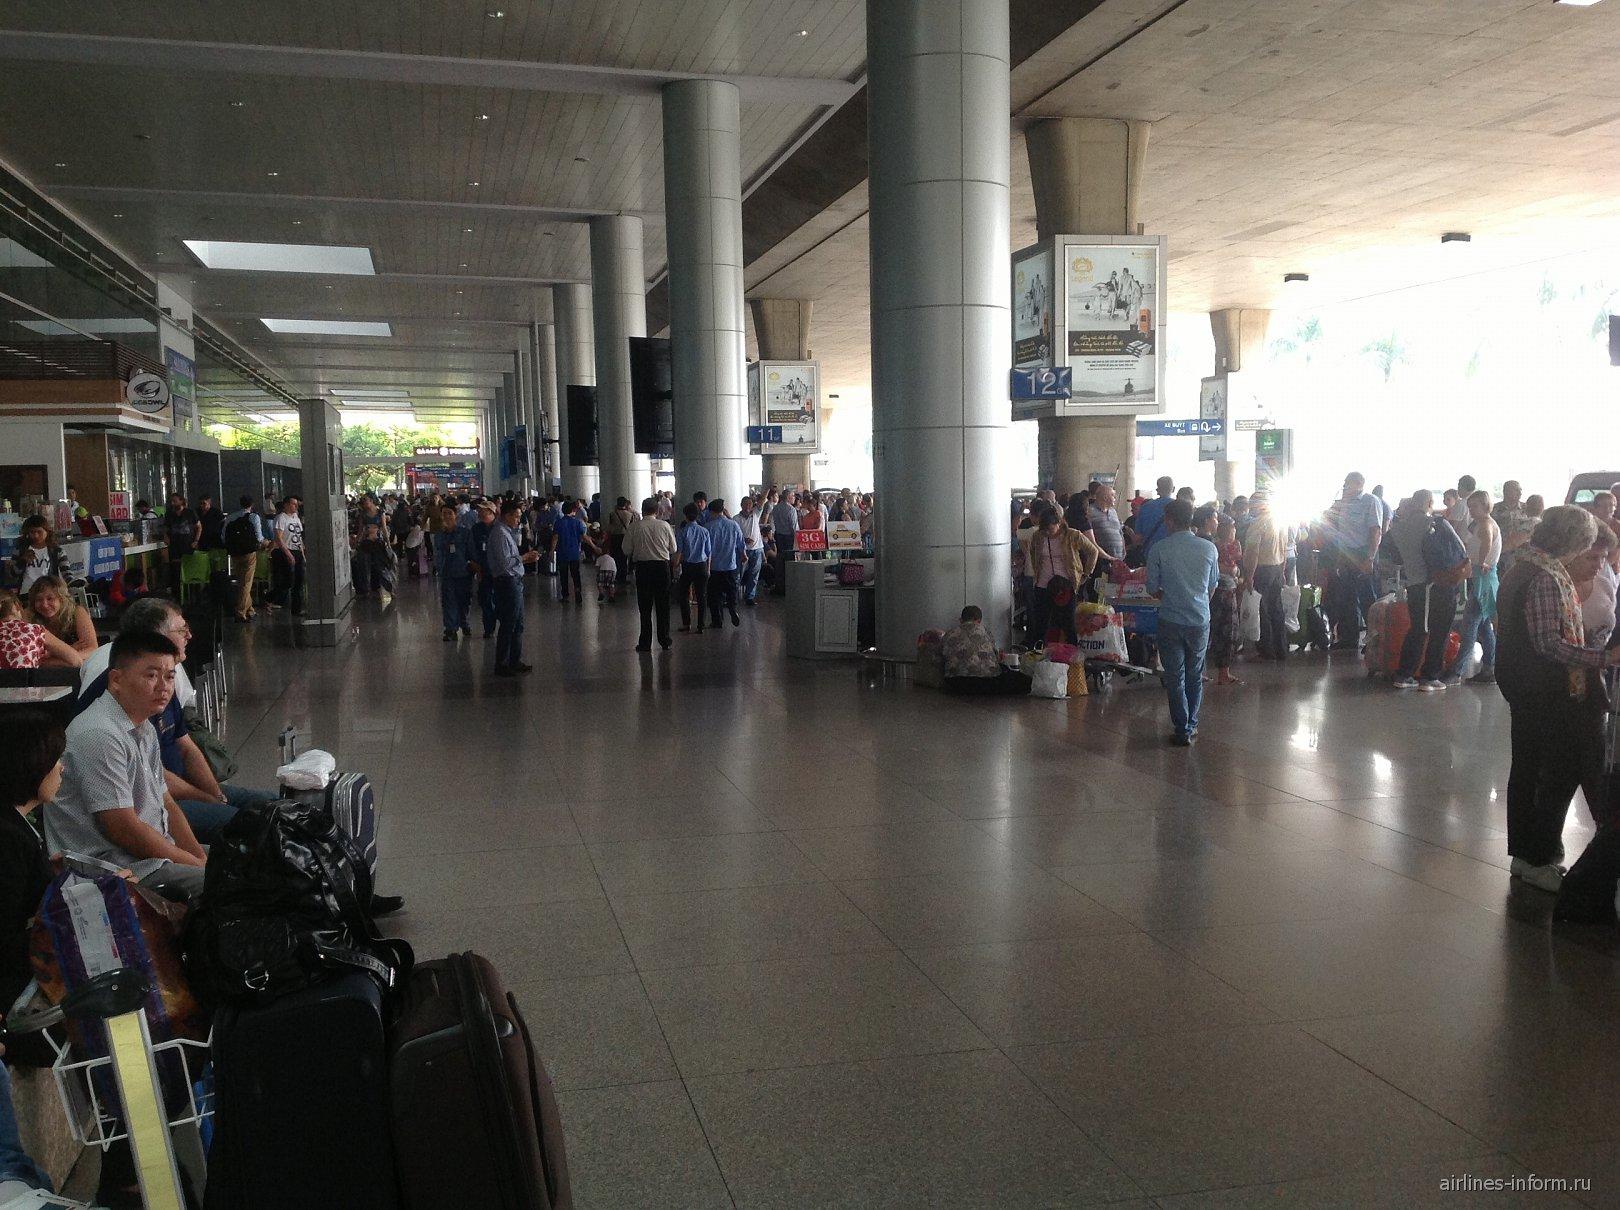 На выходе из аэропорта Хошимин Тан Сон Нхат